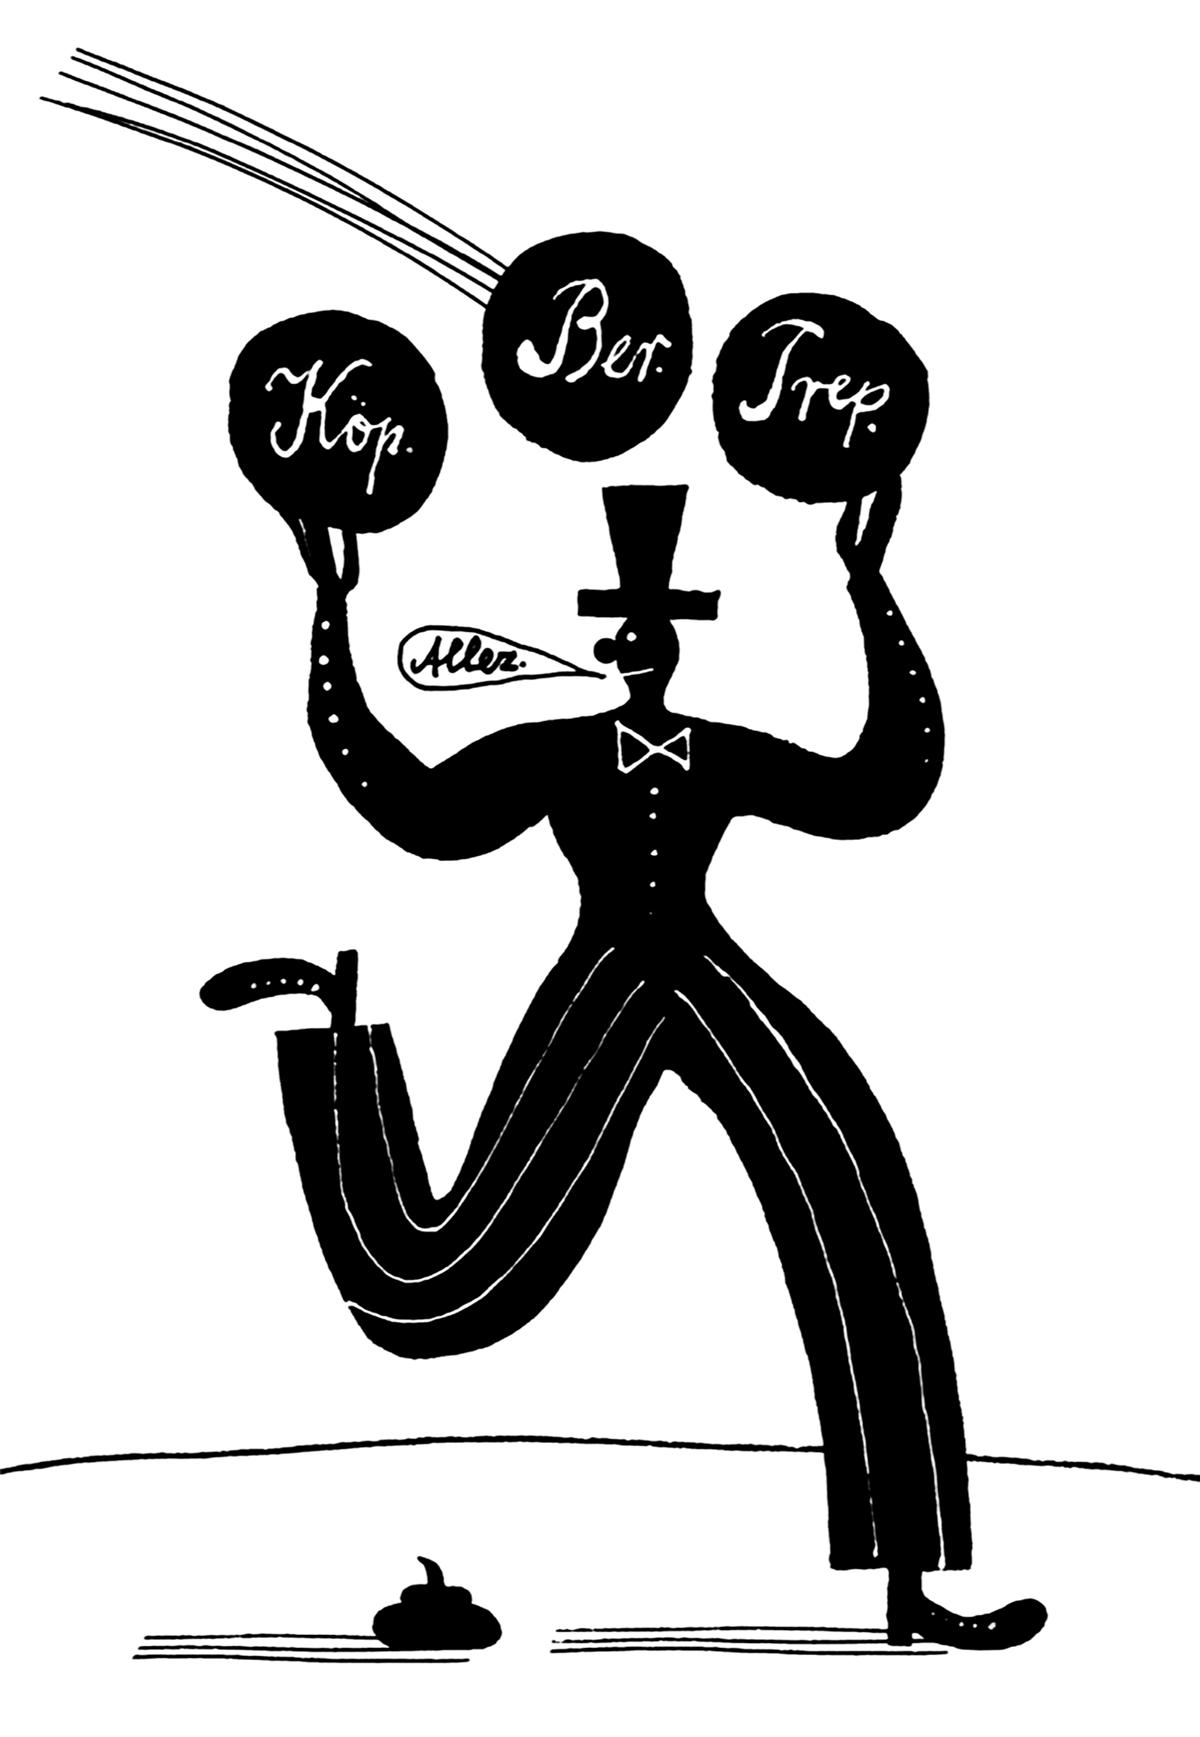 Franz Zauleck, Titelillustration DER MAULBÄR Kulturkalender